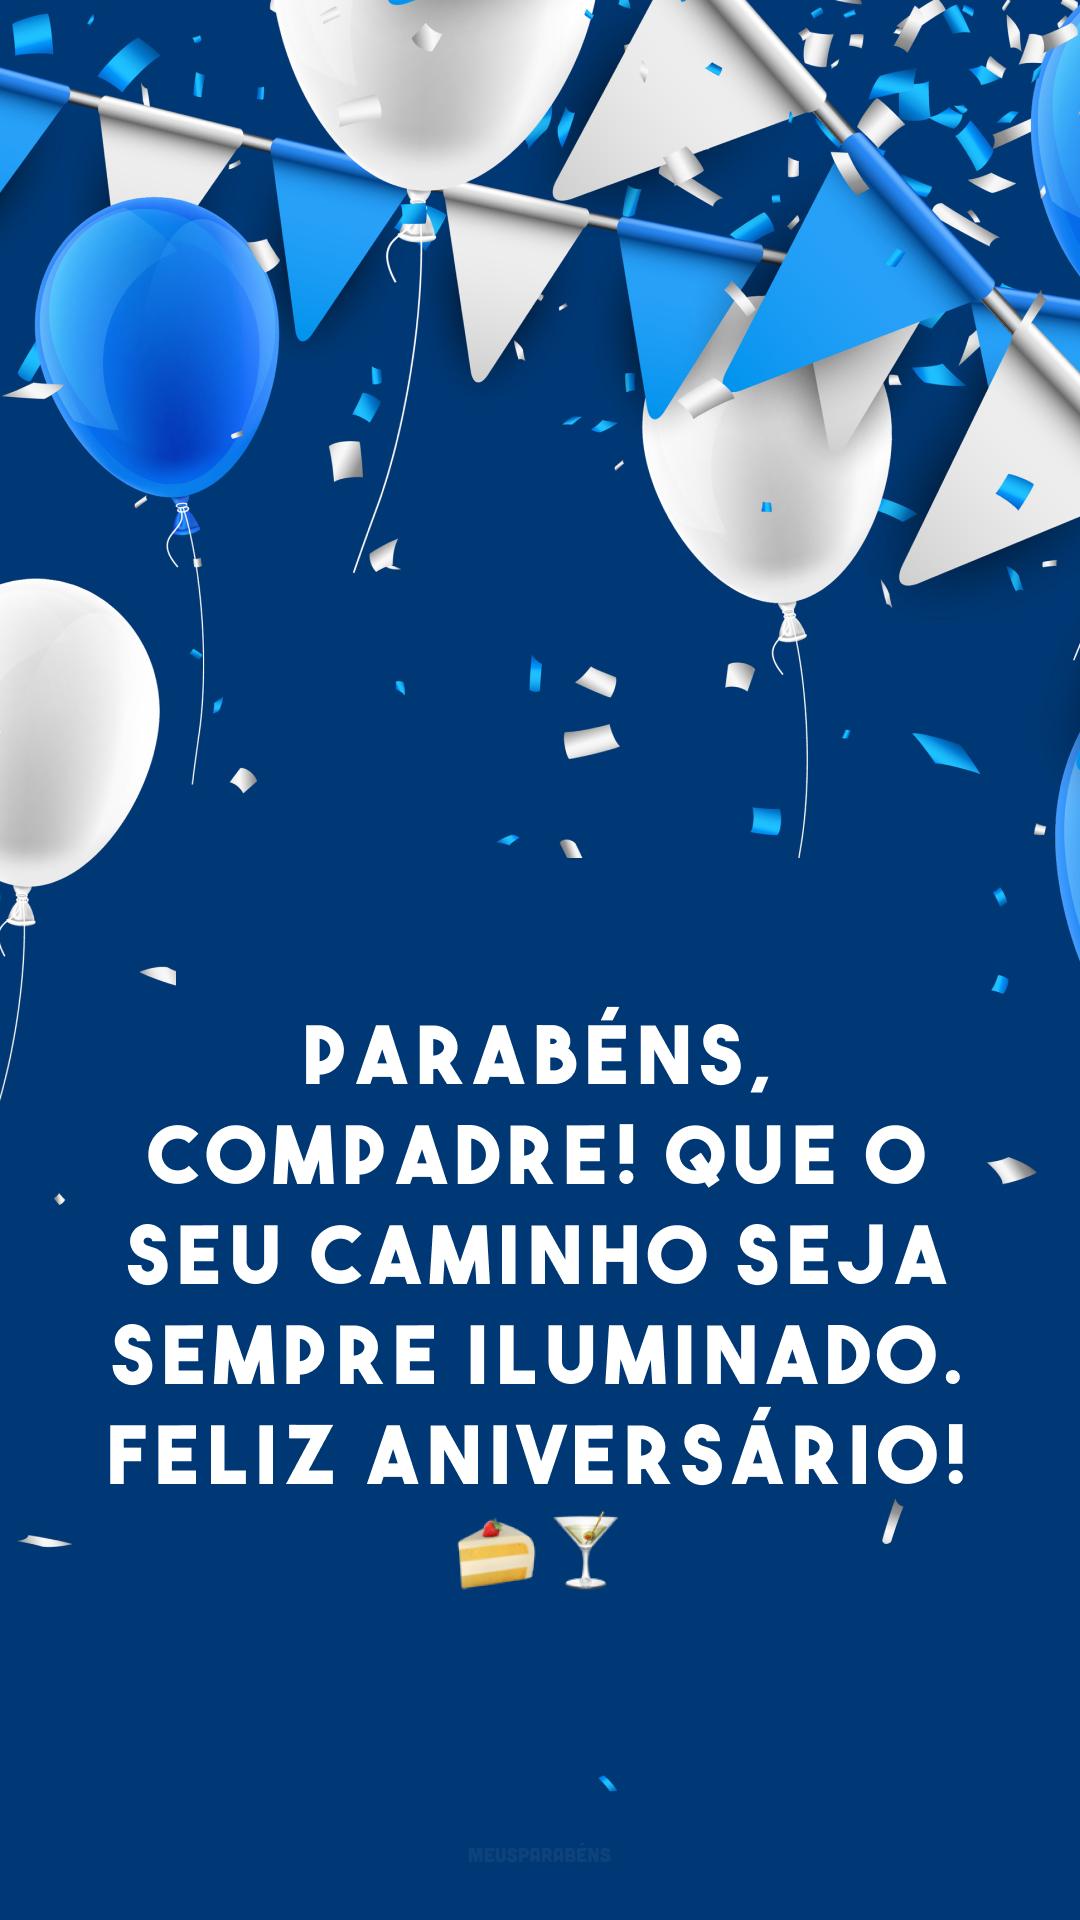 Parabéns, compadre! Que o seu caminho seja sempre iluminado. Feliz aniversário! 🍰🍸